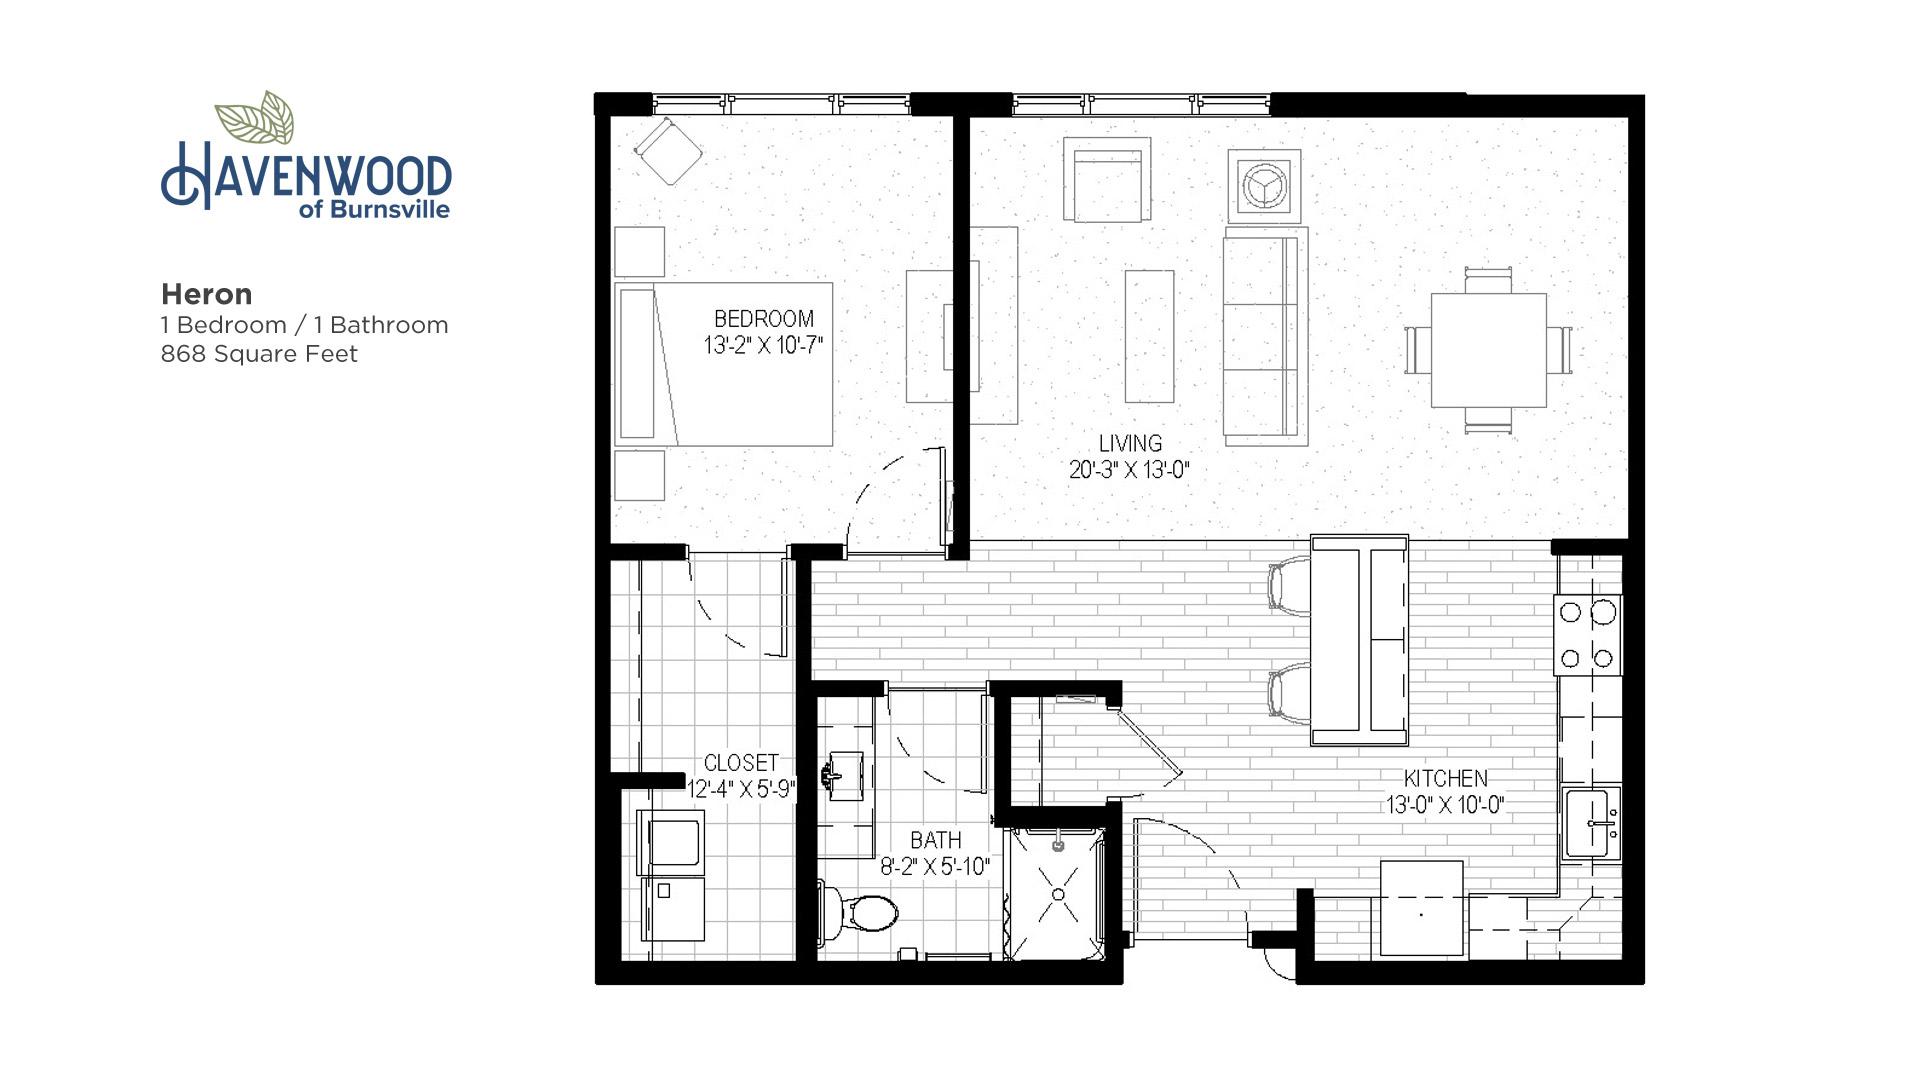 Havenwood of Burnsville Heron Floor Plan